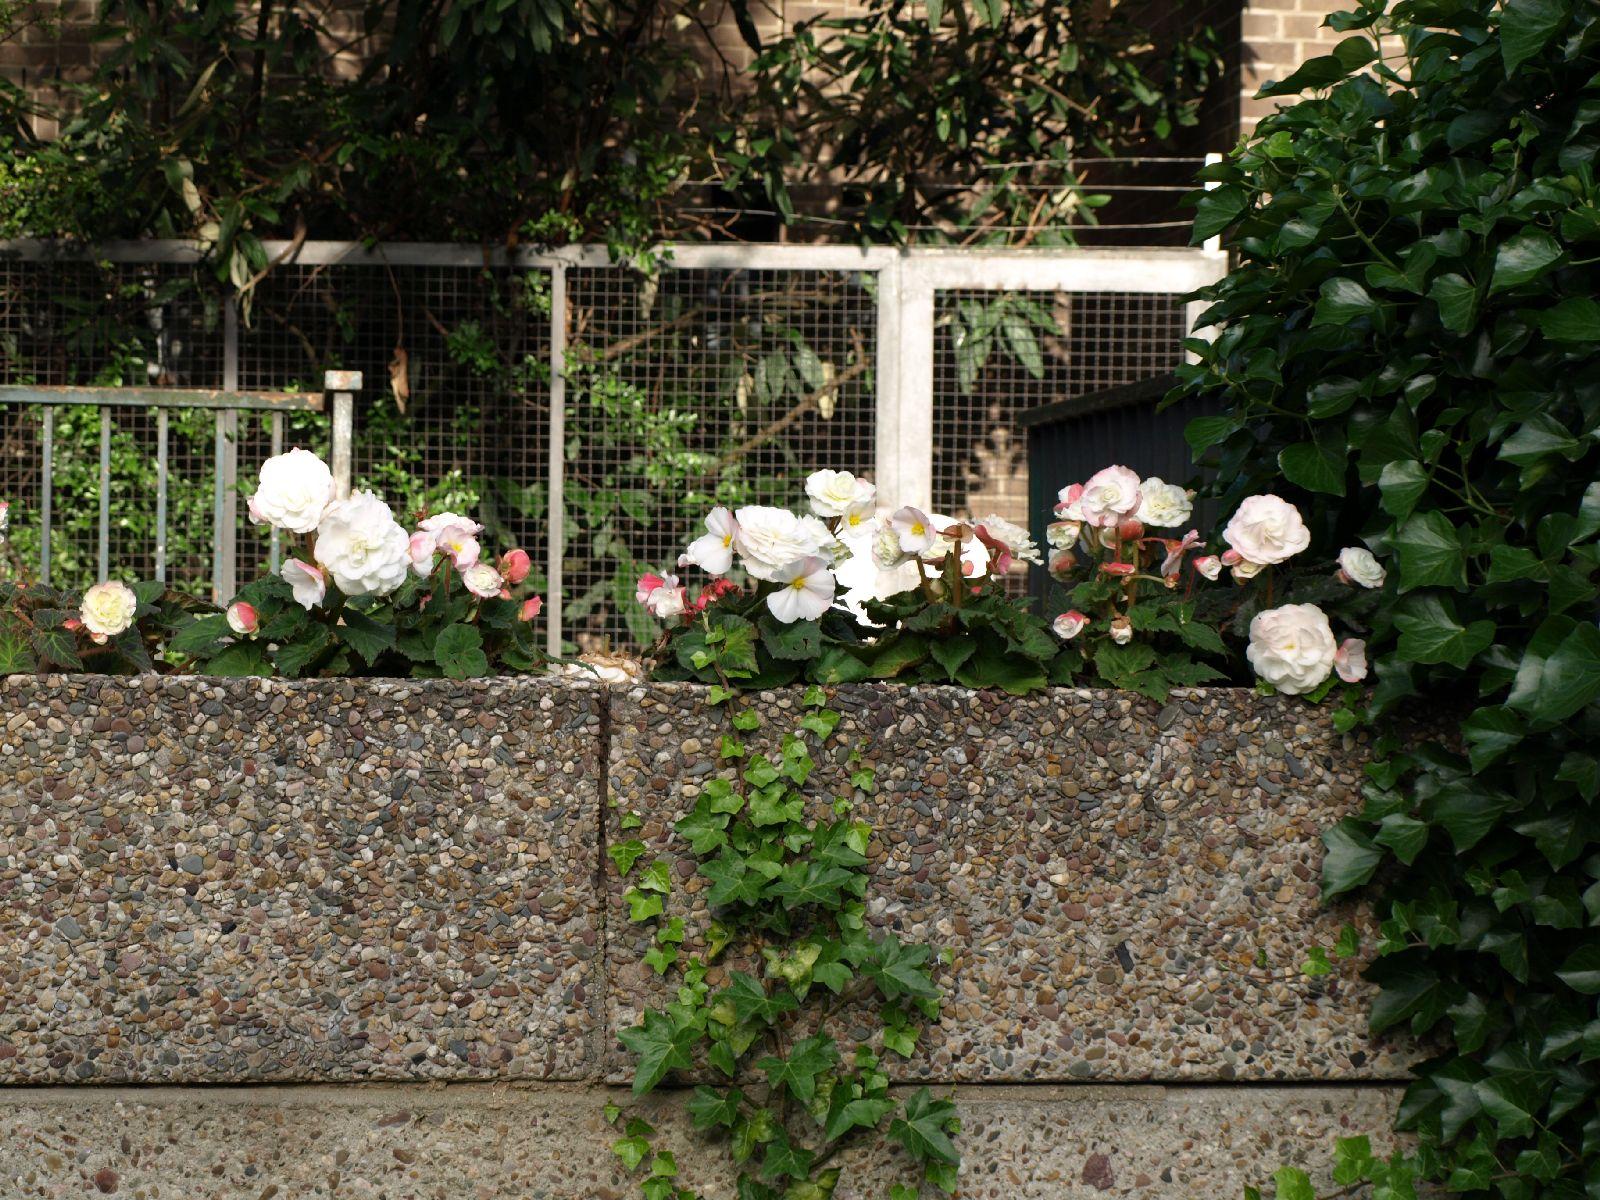 Pflanzen-Blumen-Foto_Textur_B_P6223637